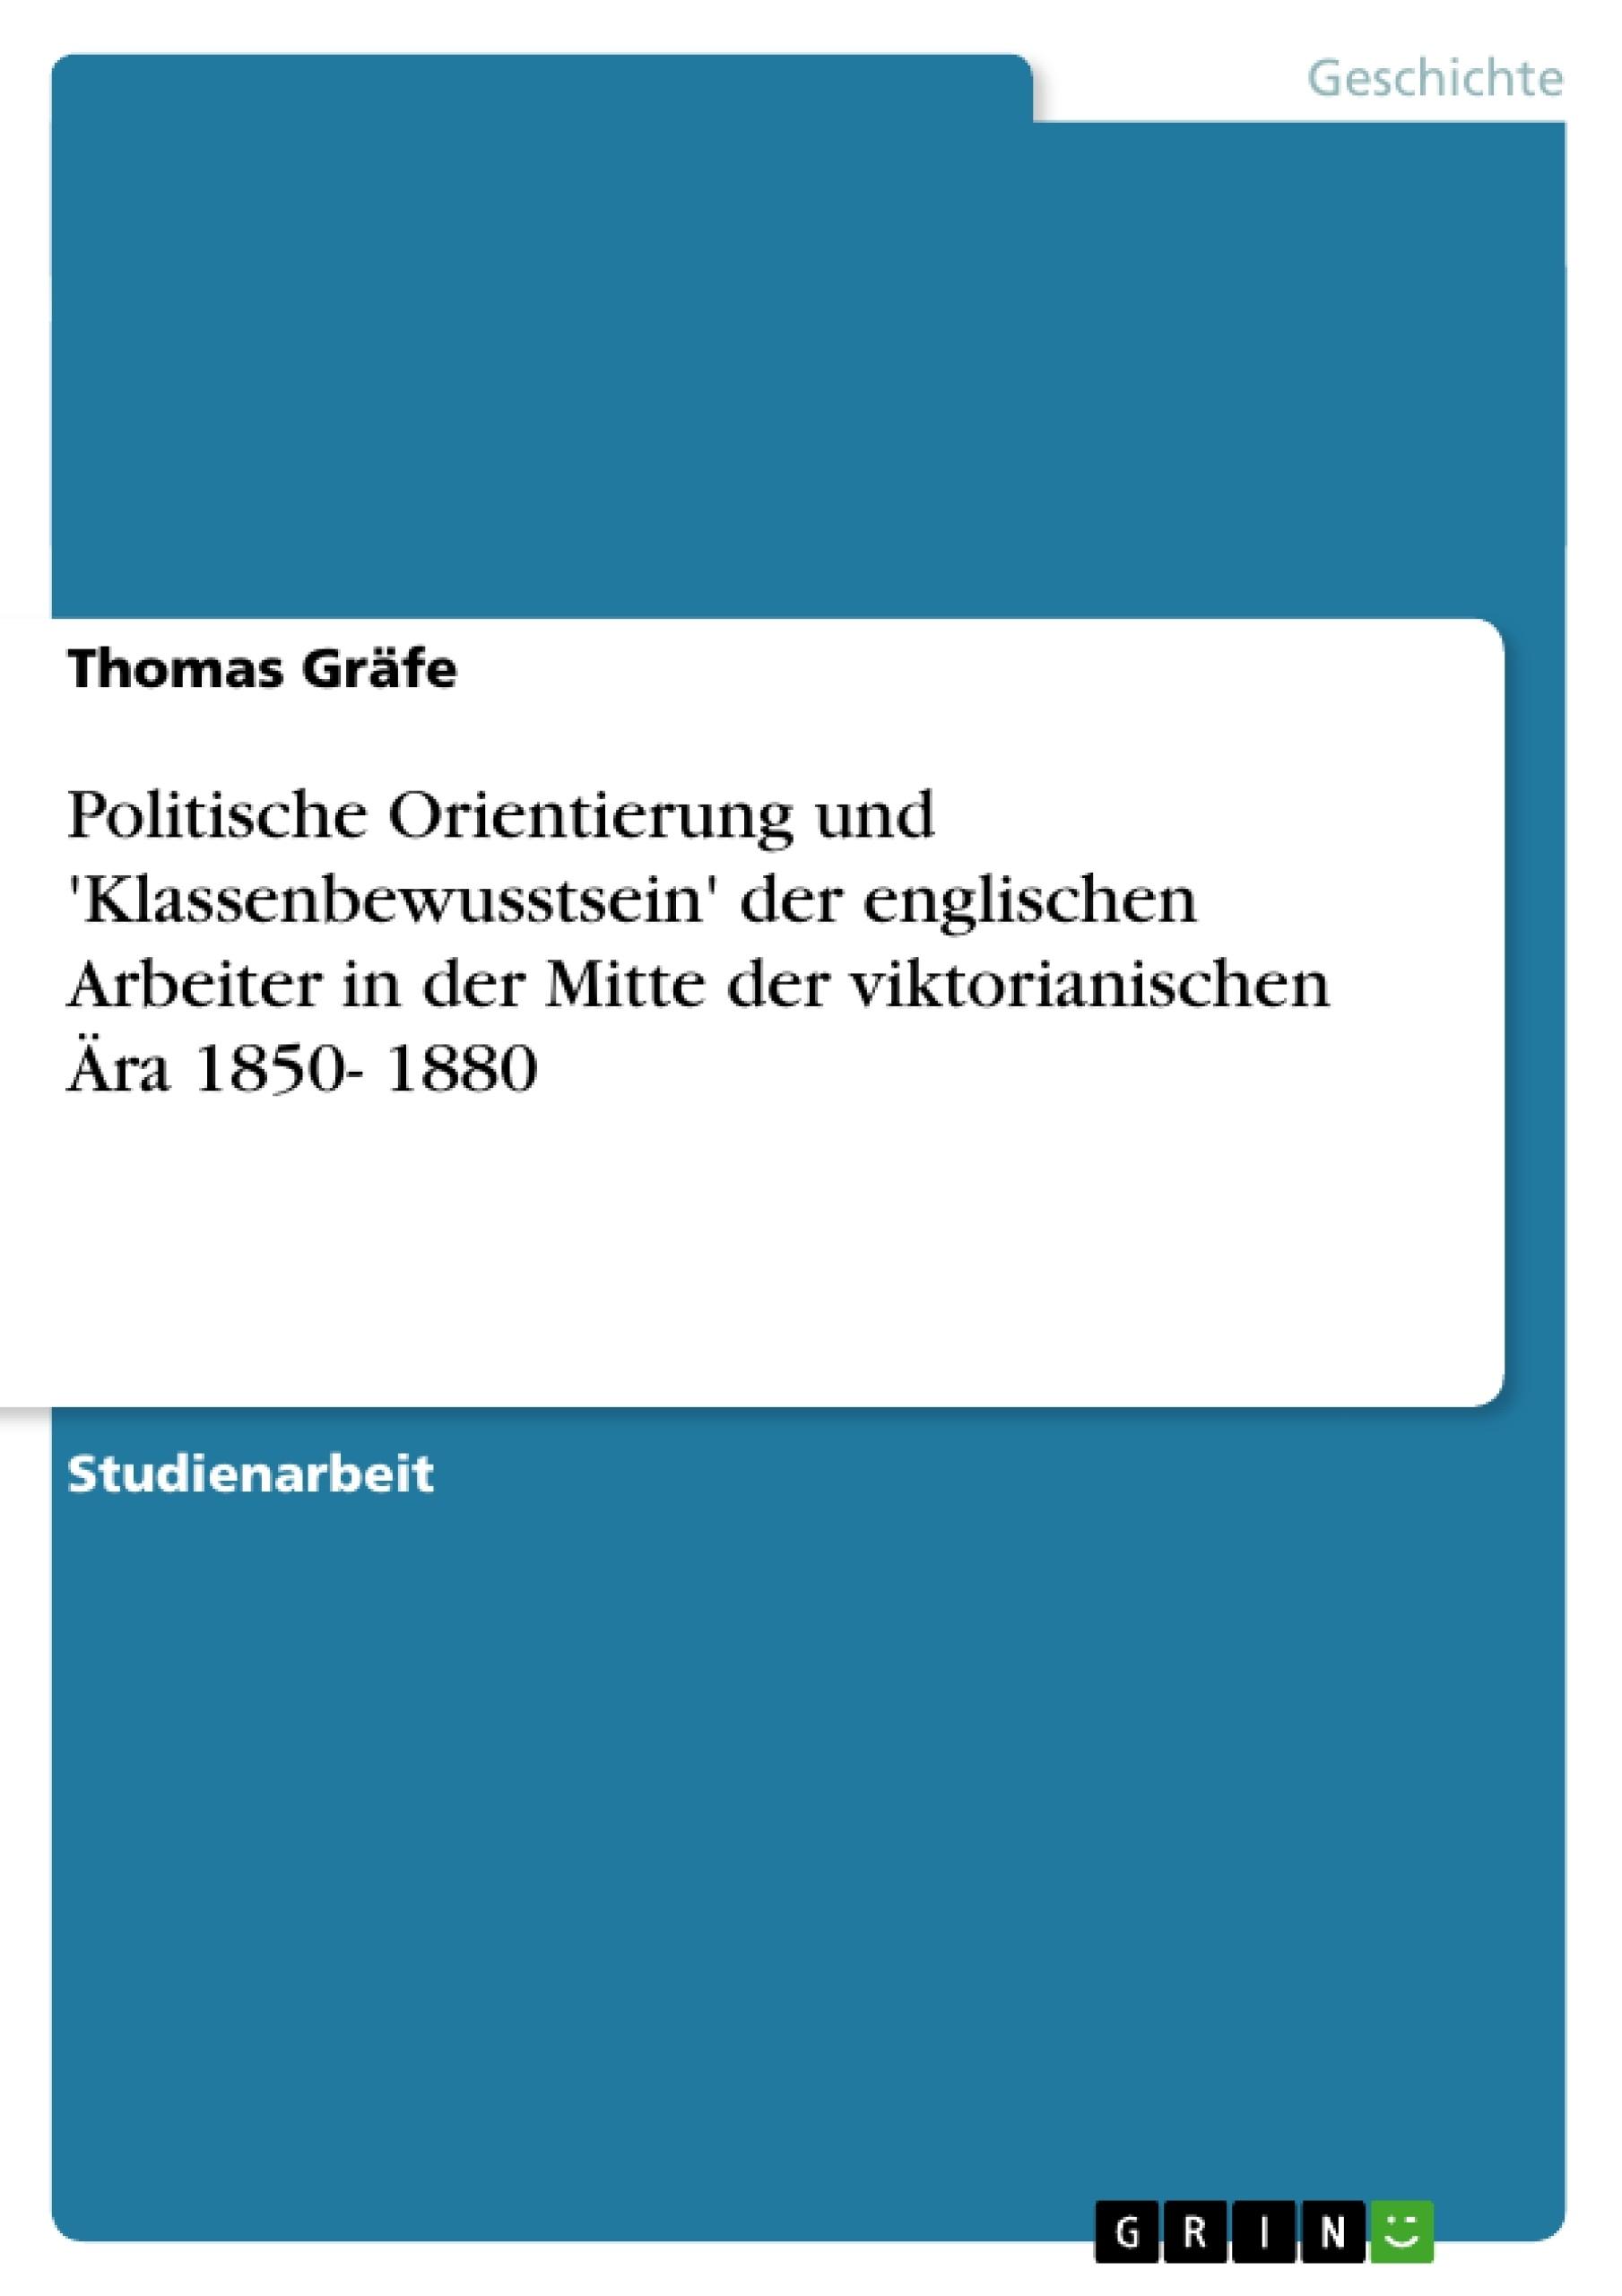 Titel: Politische Orientierung und 'Klassenbewusstsein' der englischen Arbeiter in der Mitte der viktorianischen Ära 1850- 1880